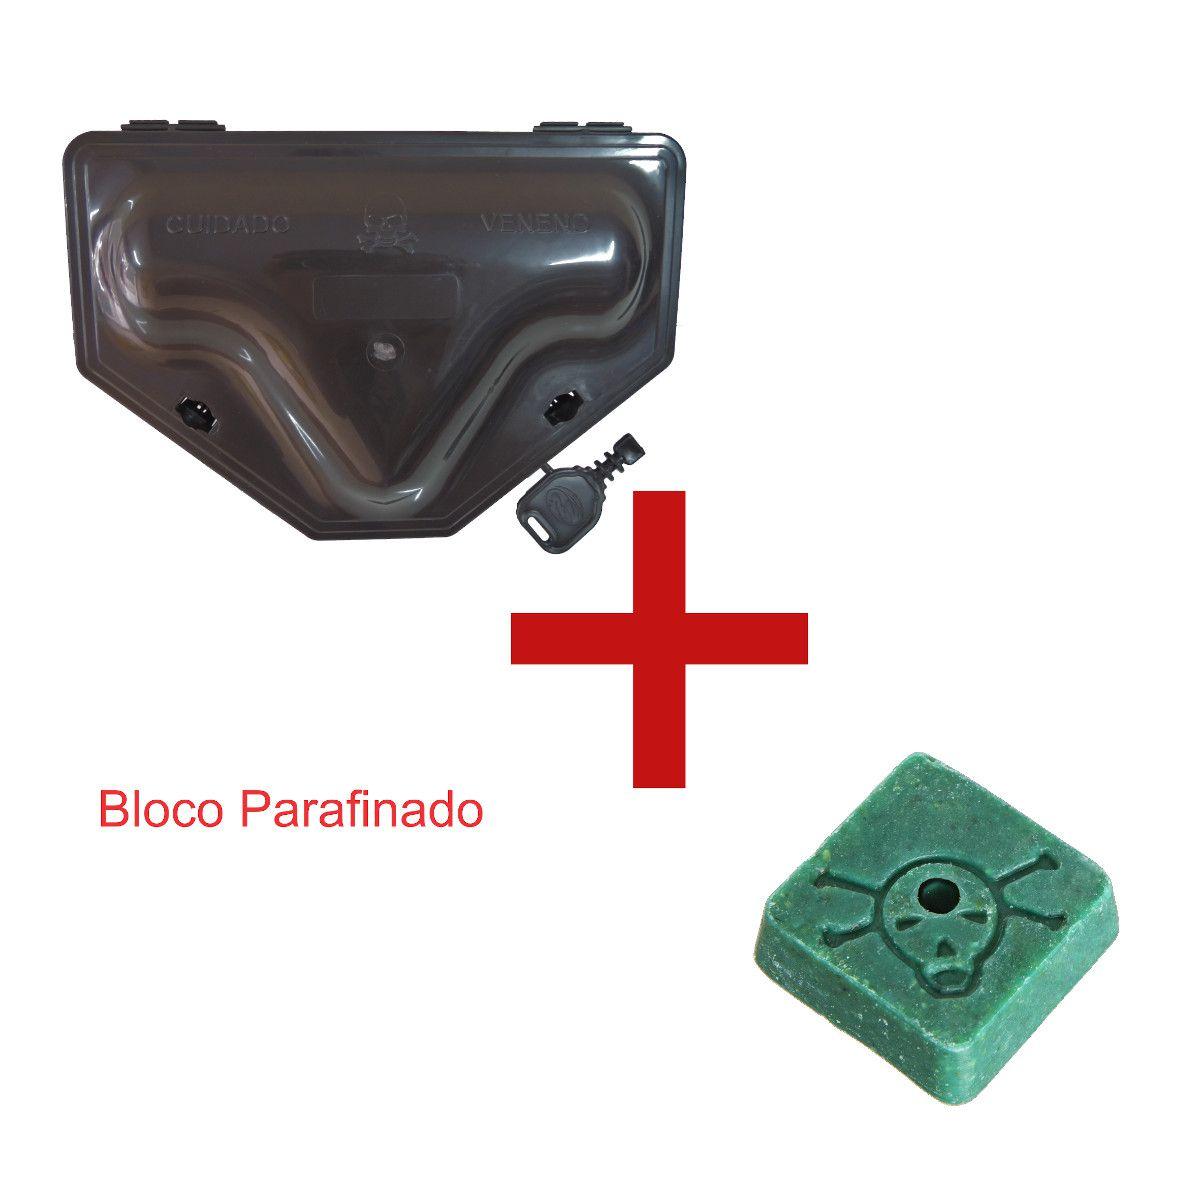 KIT 95 Ratoeira Forte Mata Ratos Porta Iscas 2 TRAVAS Chave